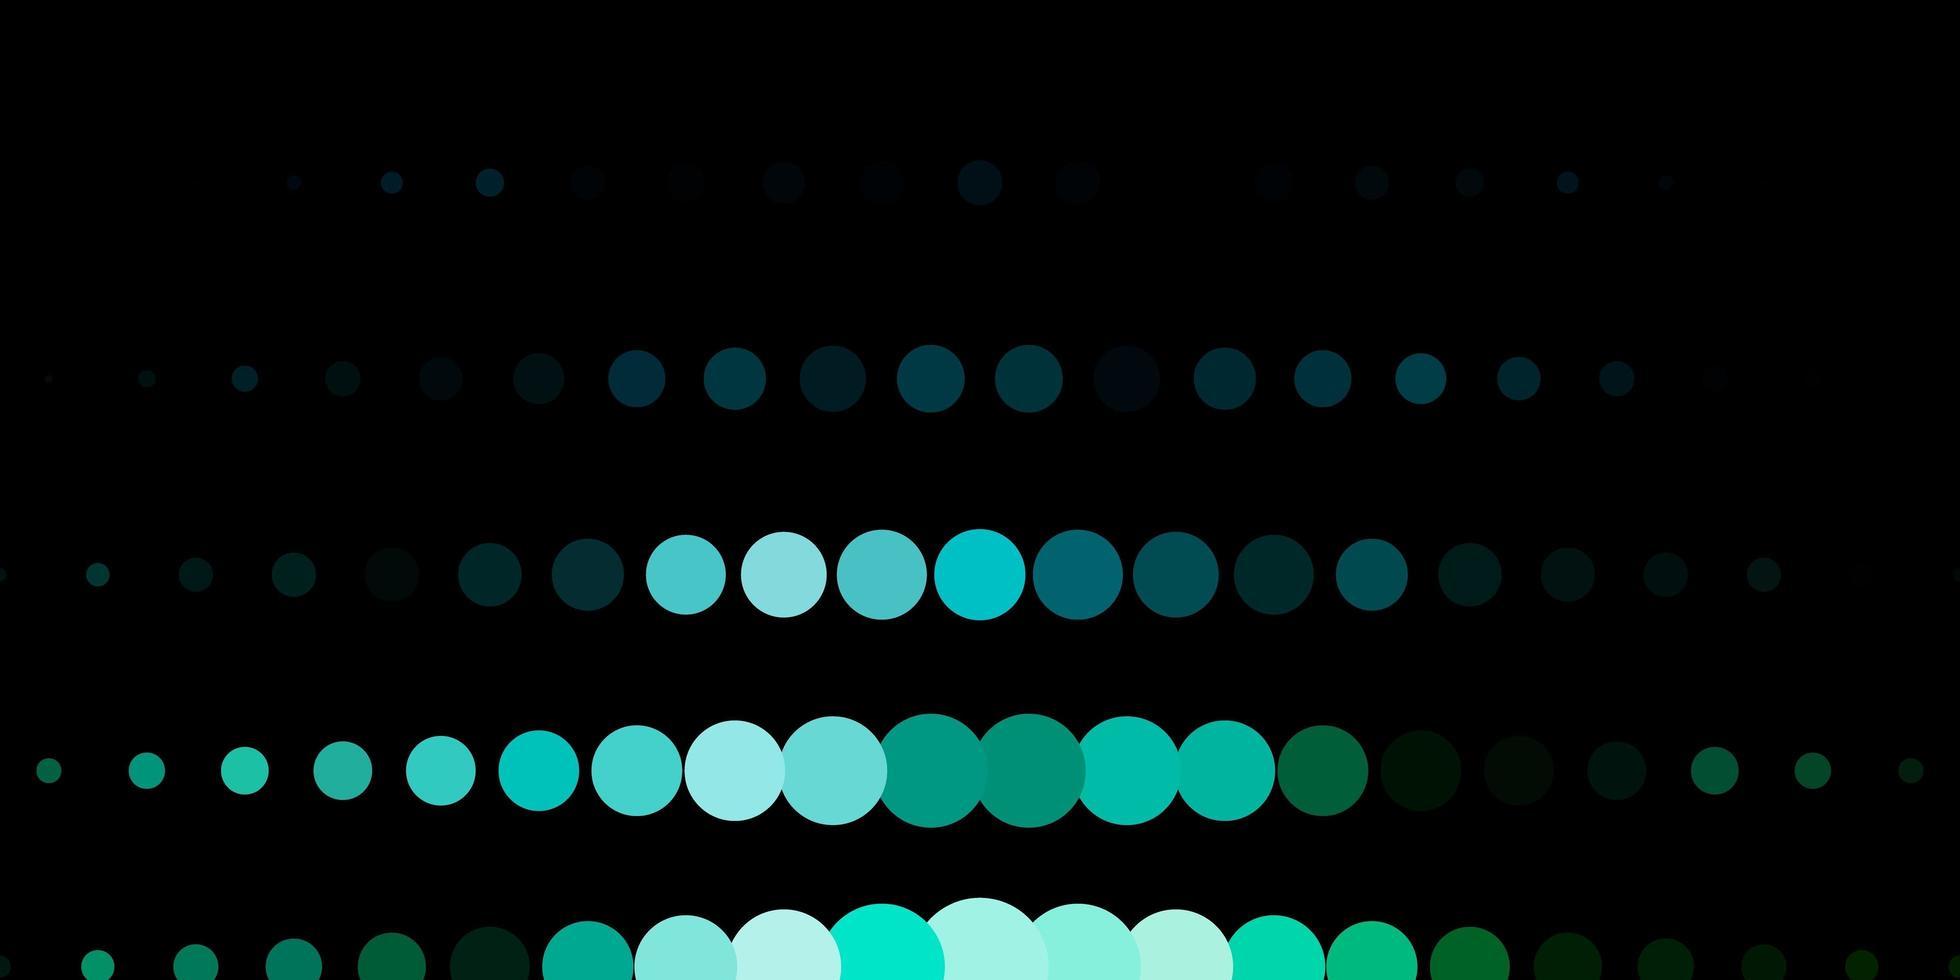 dunkelblauer, grüner Vektorhintergrund mit Punkten. vektor